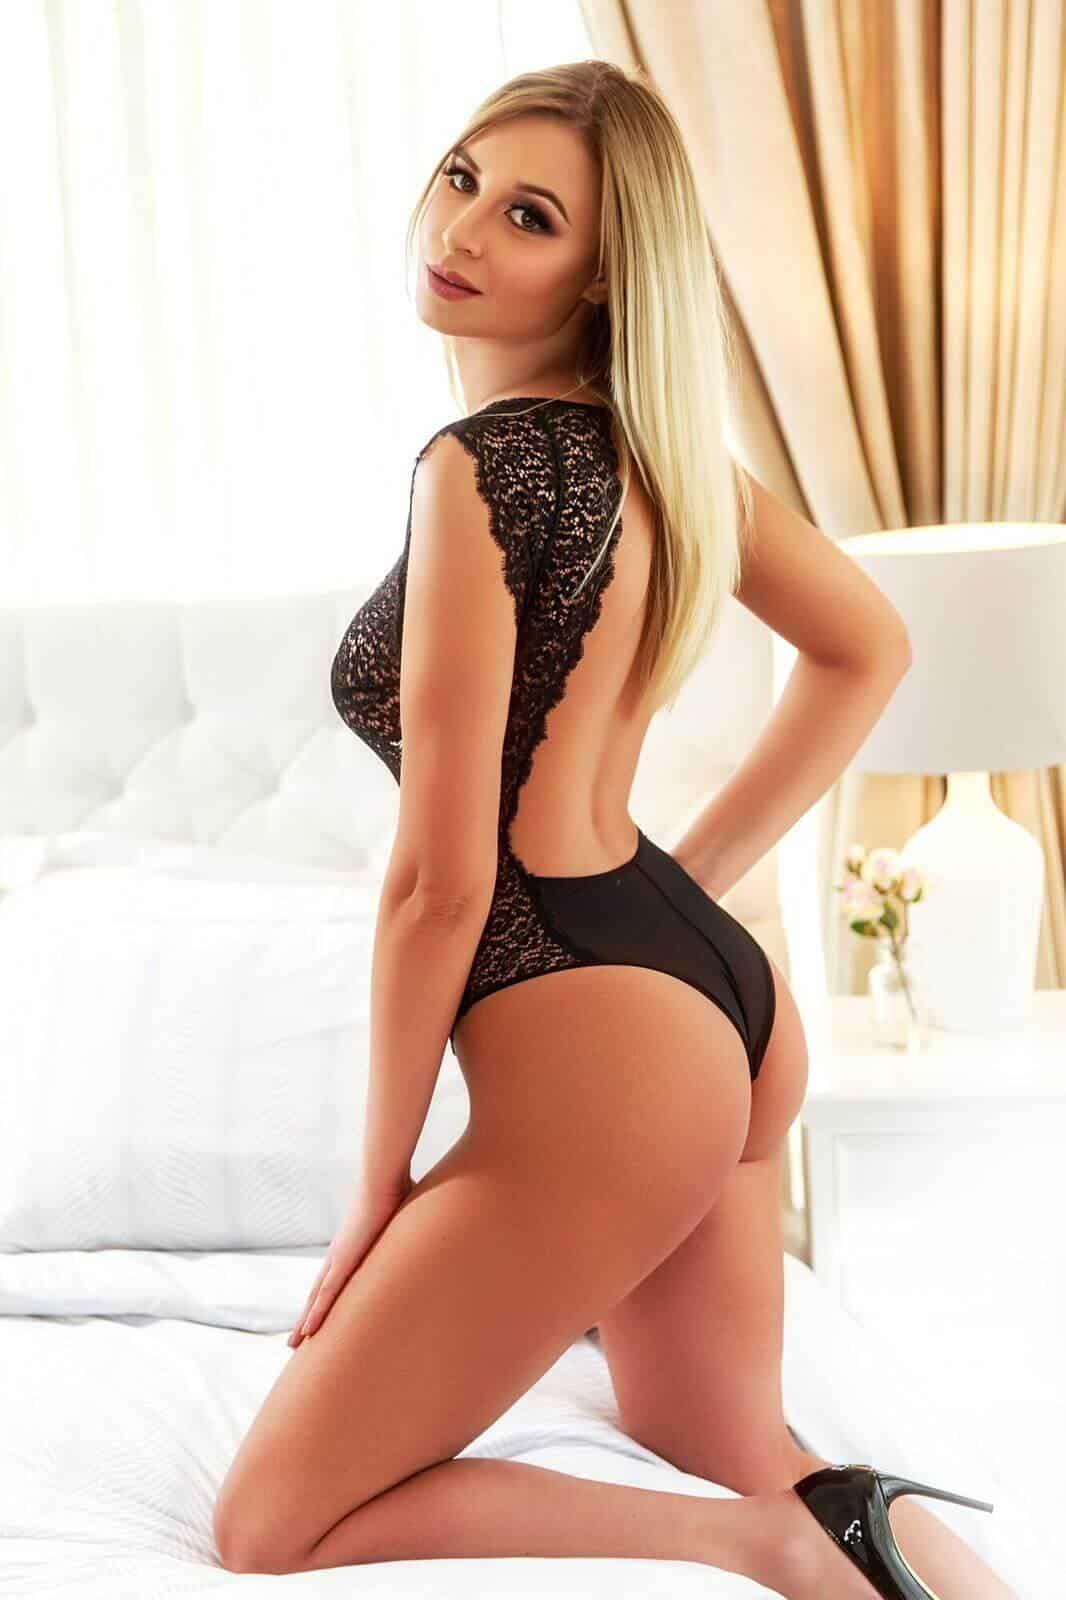 evette_massage_escort-1592342169-656-e